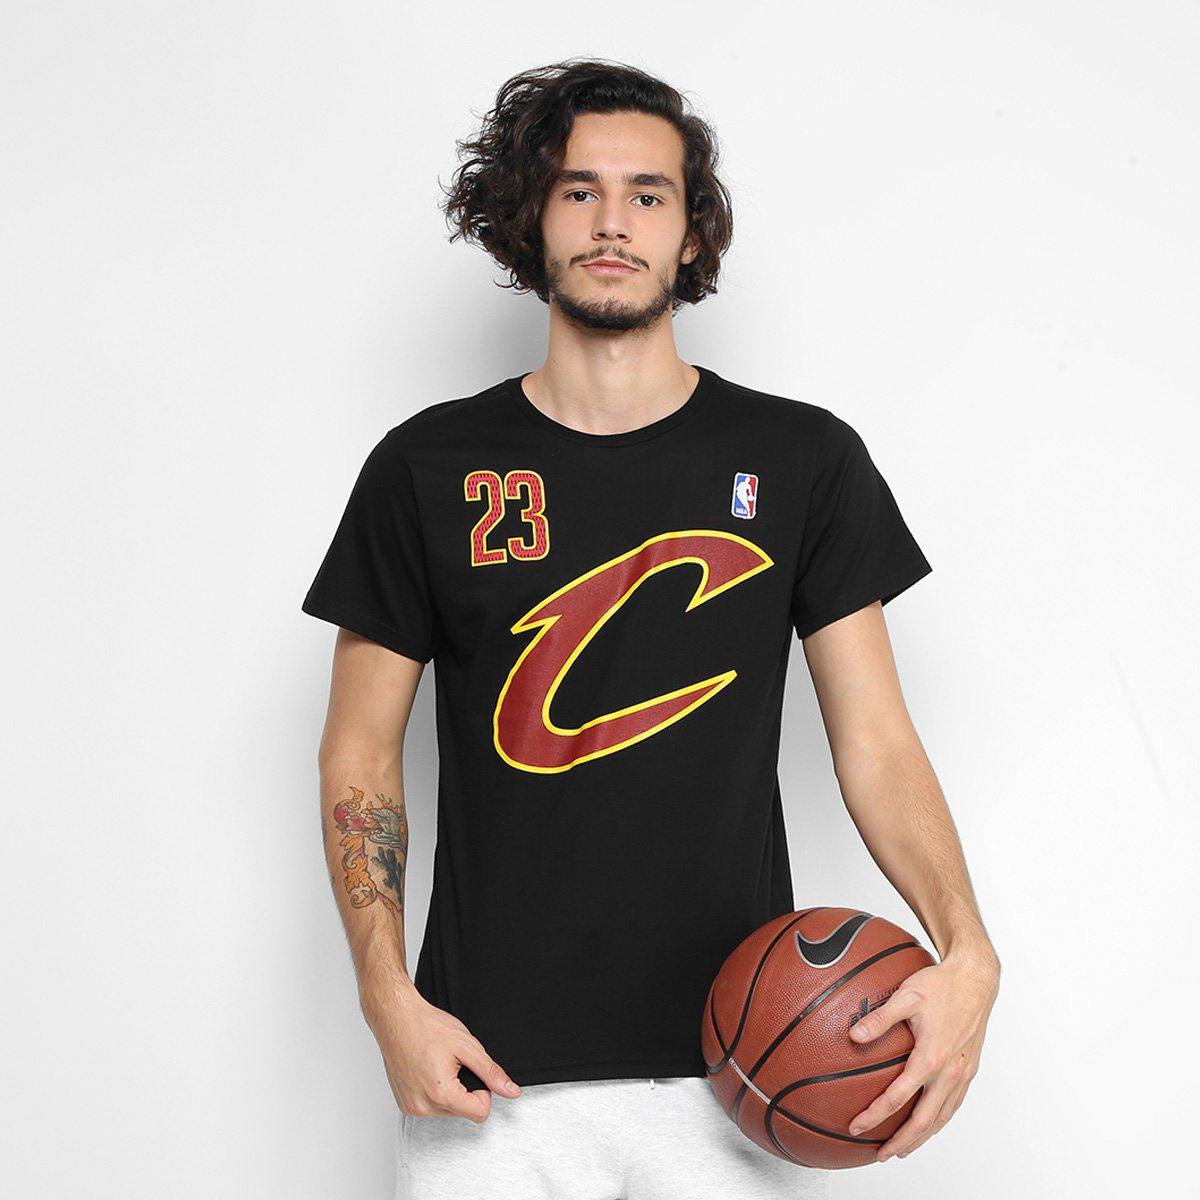 69f64c7f3 Camiseta NBA Cleveland Cavaliers - LeBron James 23 Masculina - Compre Agora